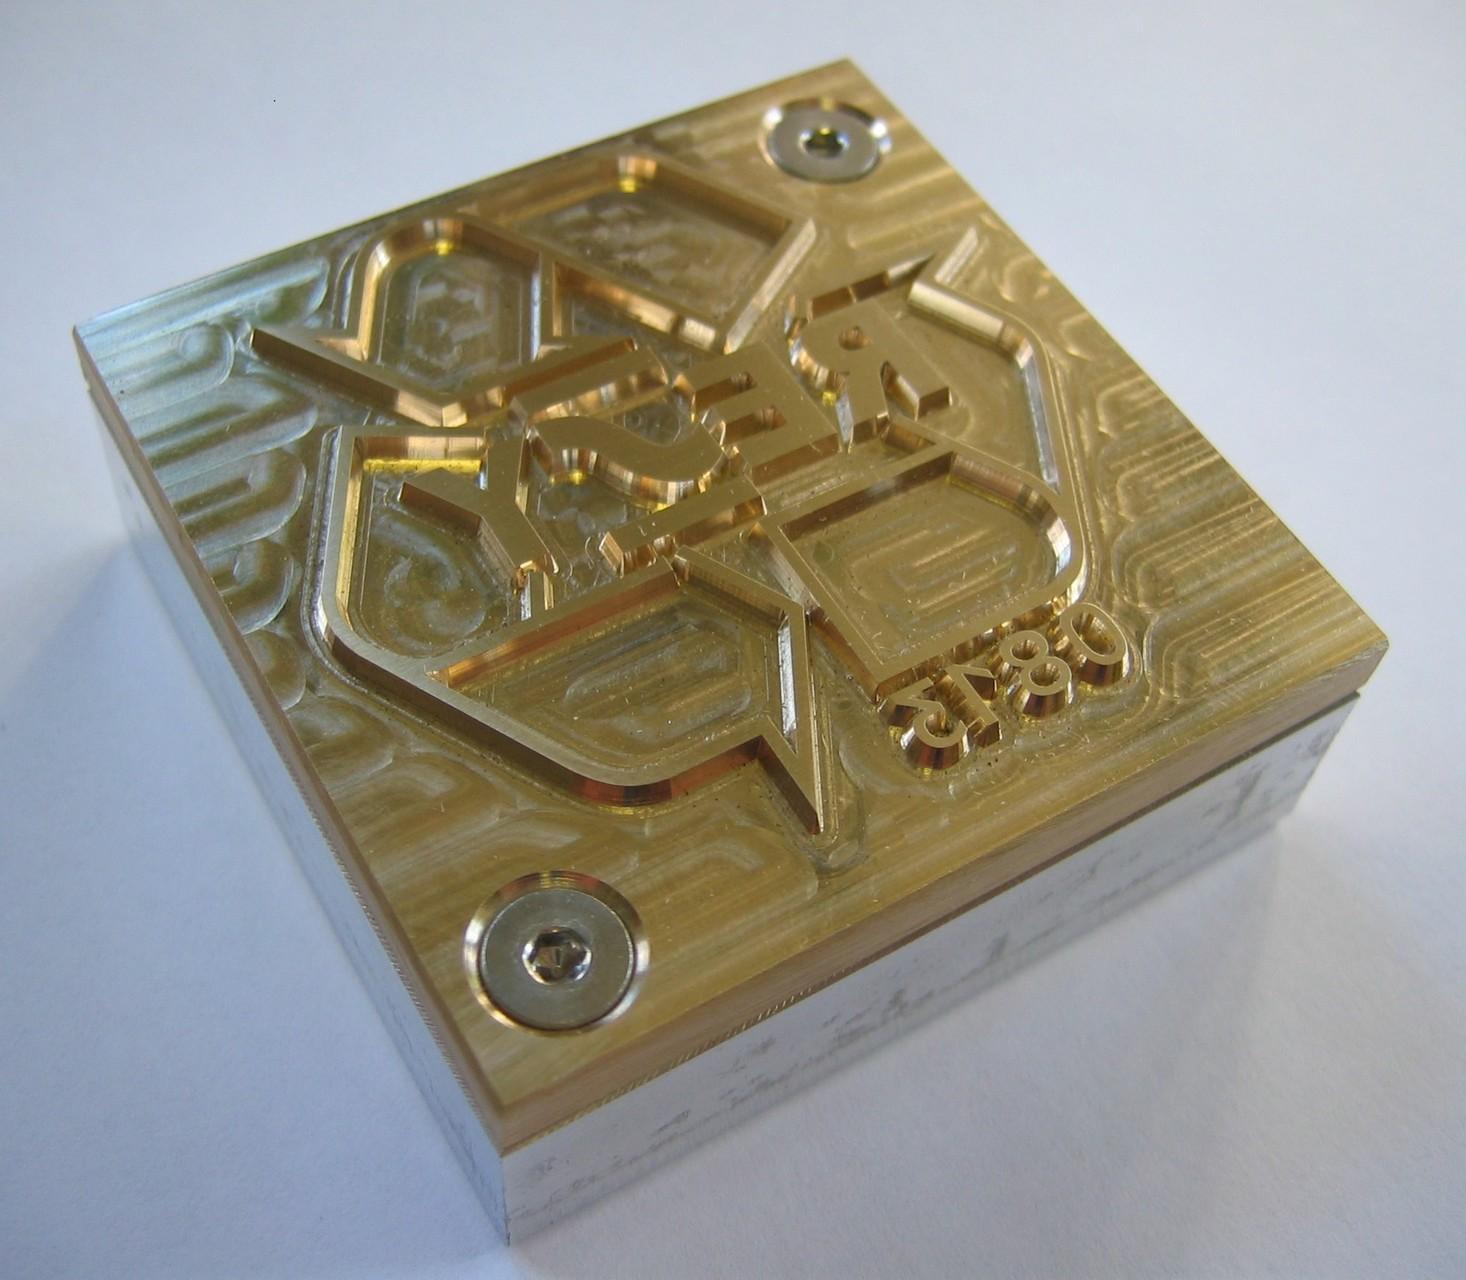 Heißprägestempel mit Aluminium-Fundament, Heißfolienstempel, Heißfolienprägestempel, Golddruckstempel, Lederprägestempel, Folienprägestempel, Heißprägewerkzeug, Druckklischees, Prägeklischees